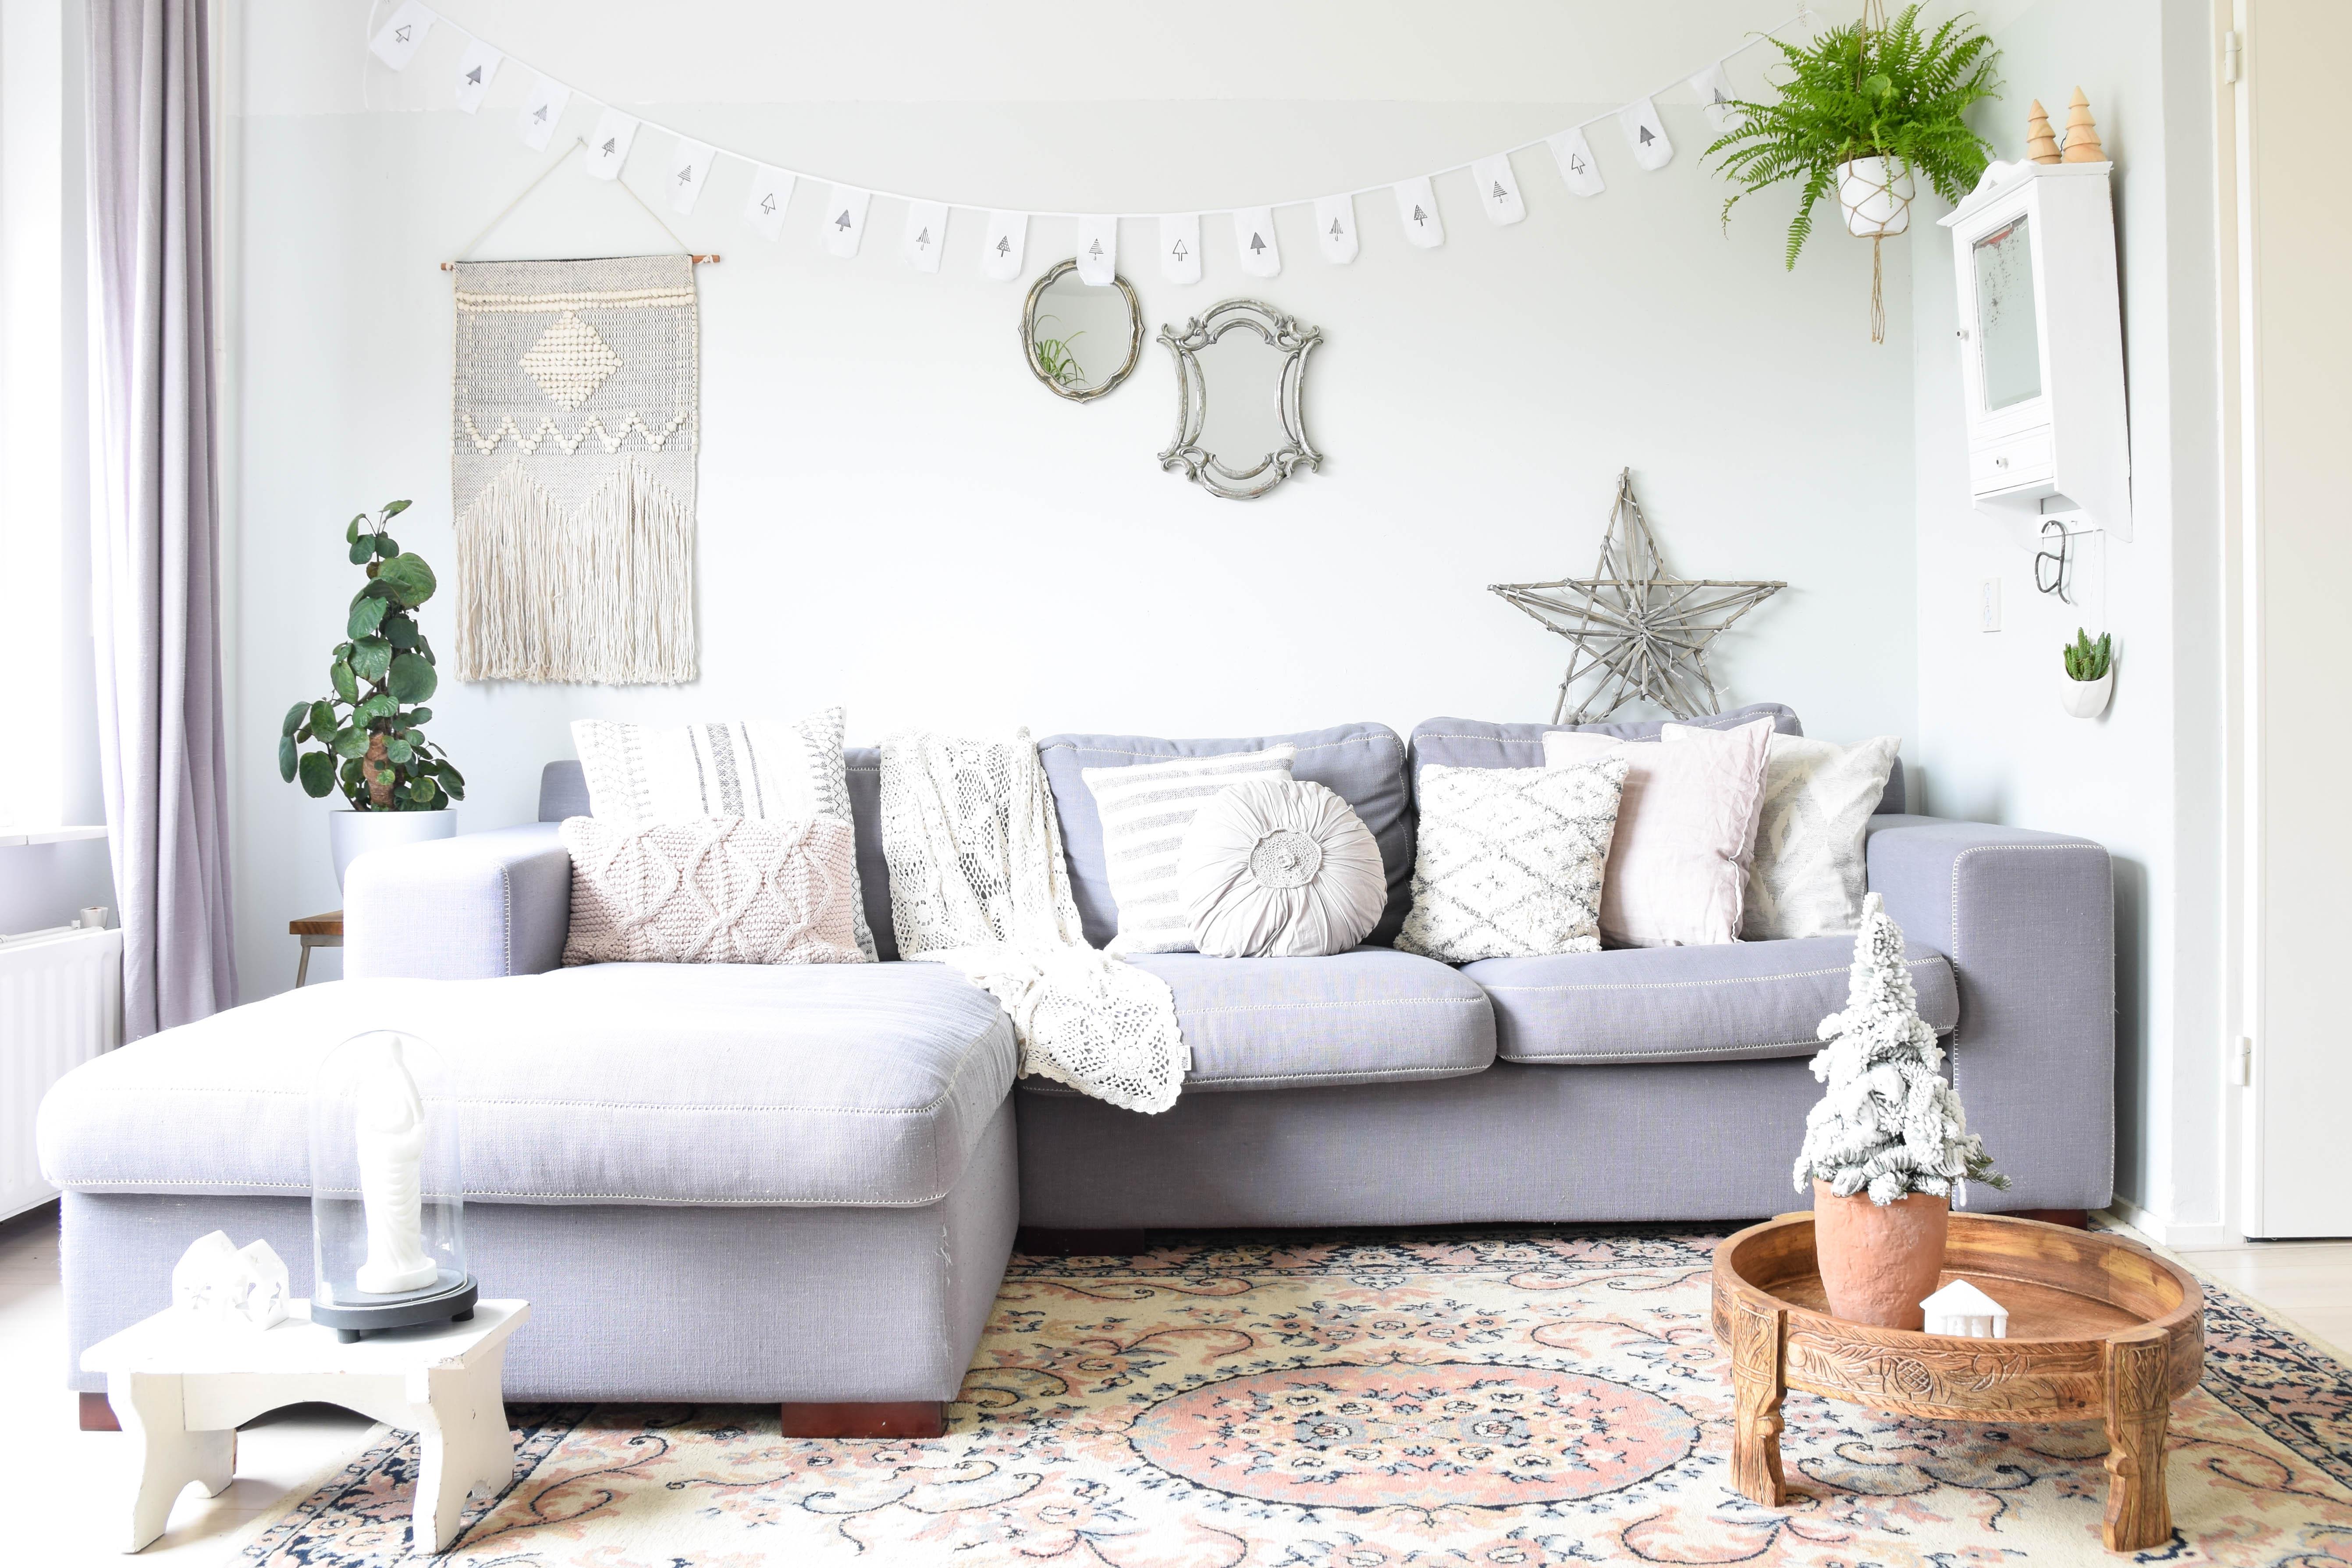 Kerst bij ons thuis - Een goed verhaal